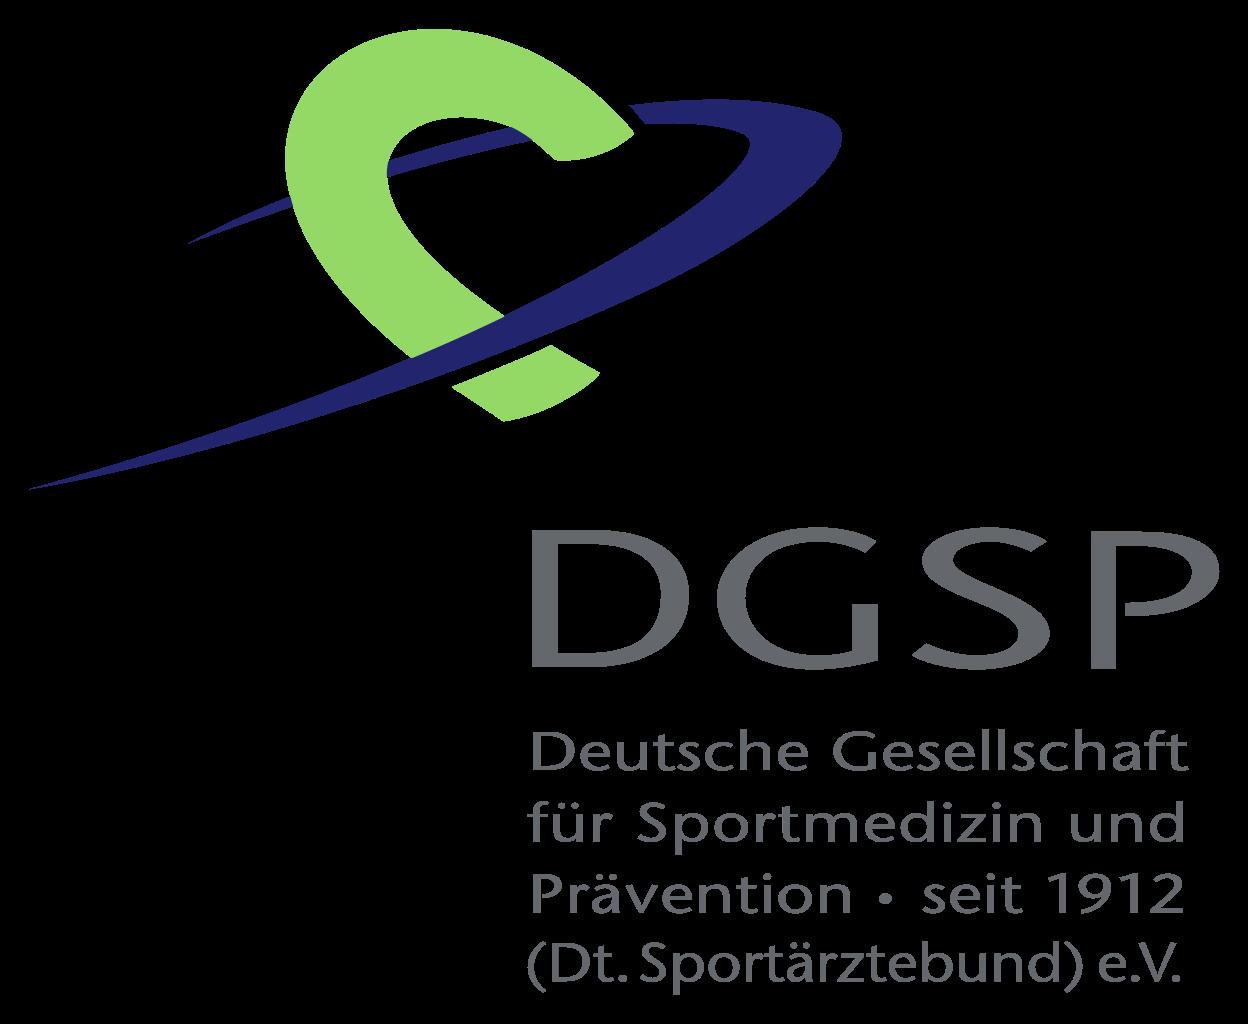 DGSP Logo